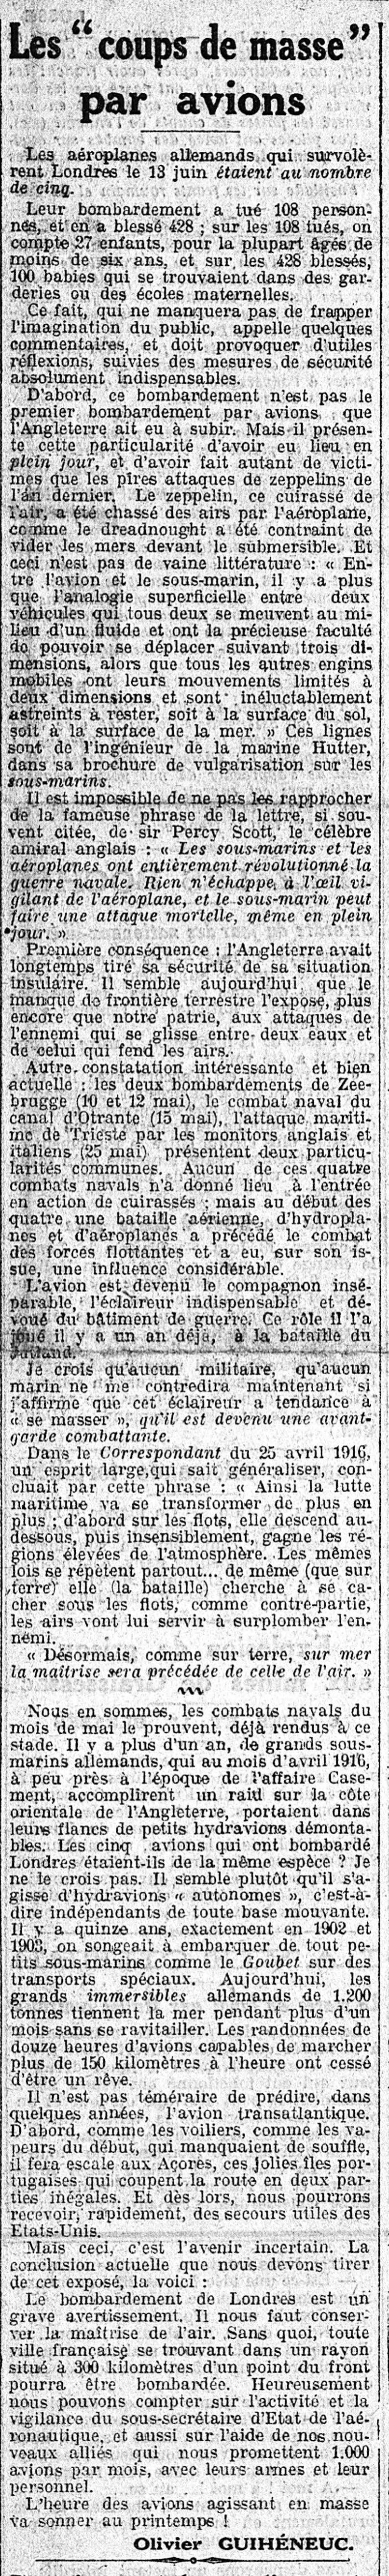 19-juin-1917